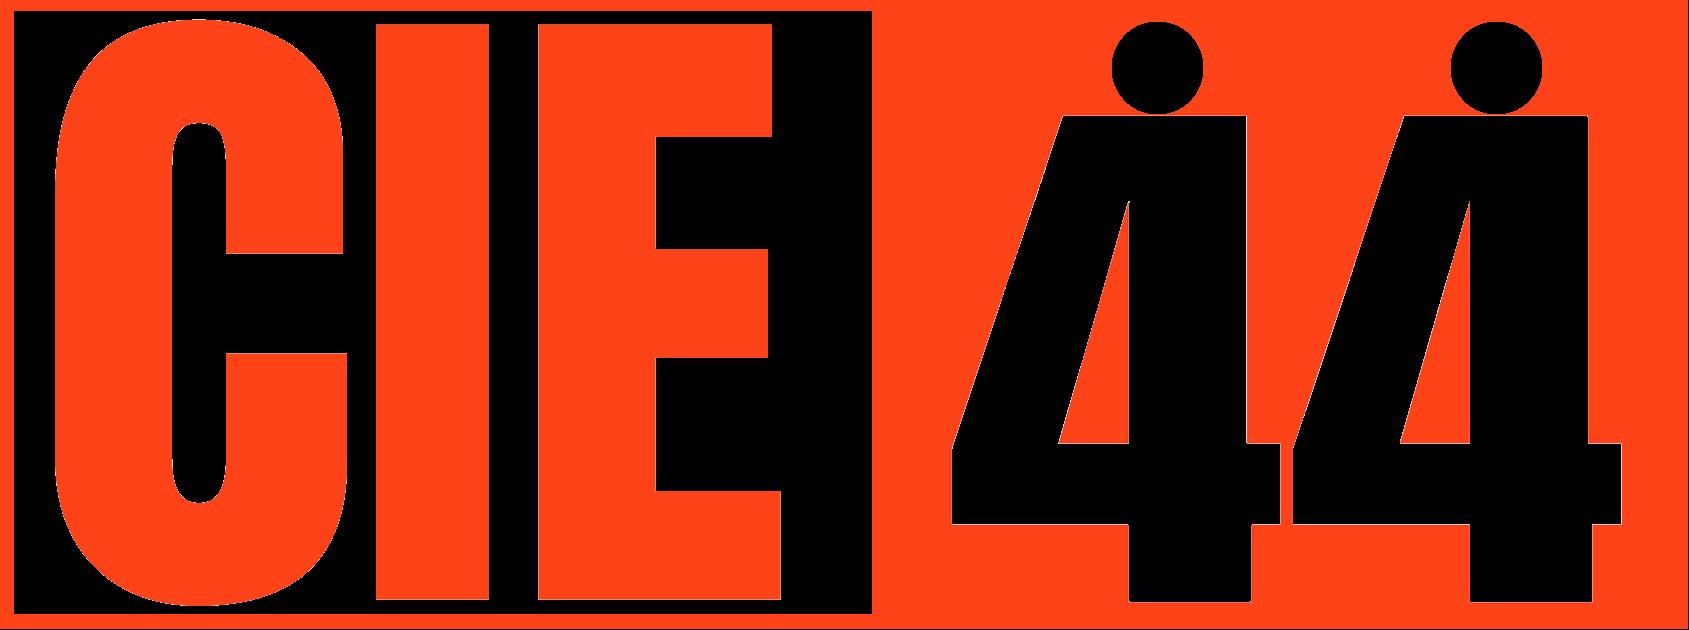 CIE 44